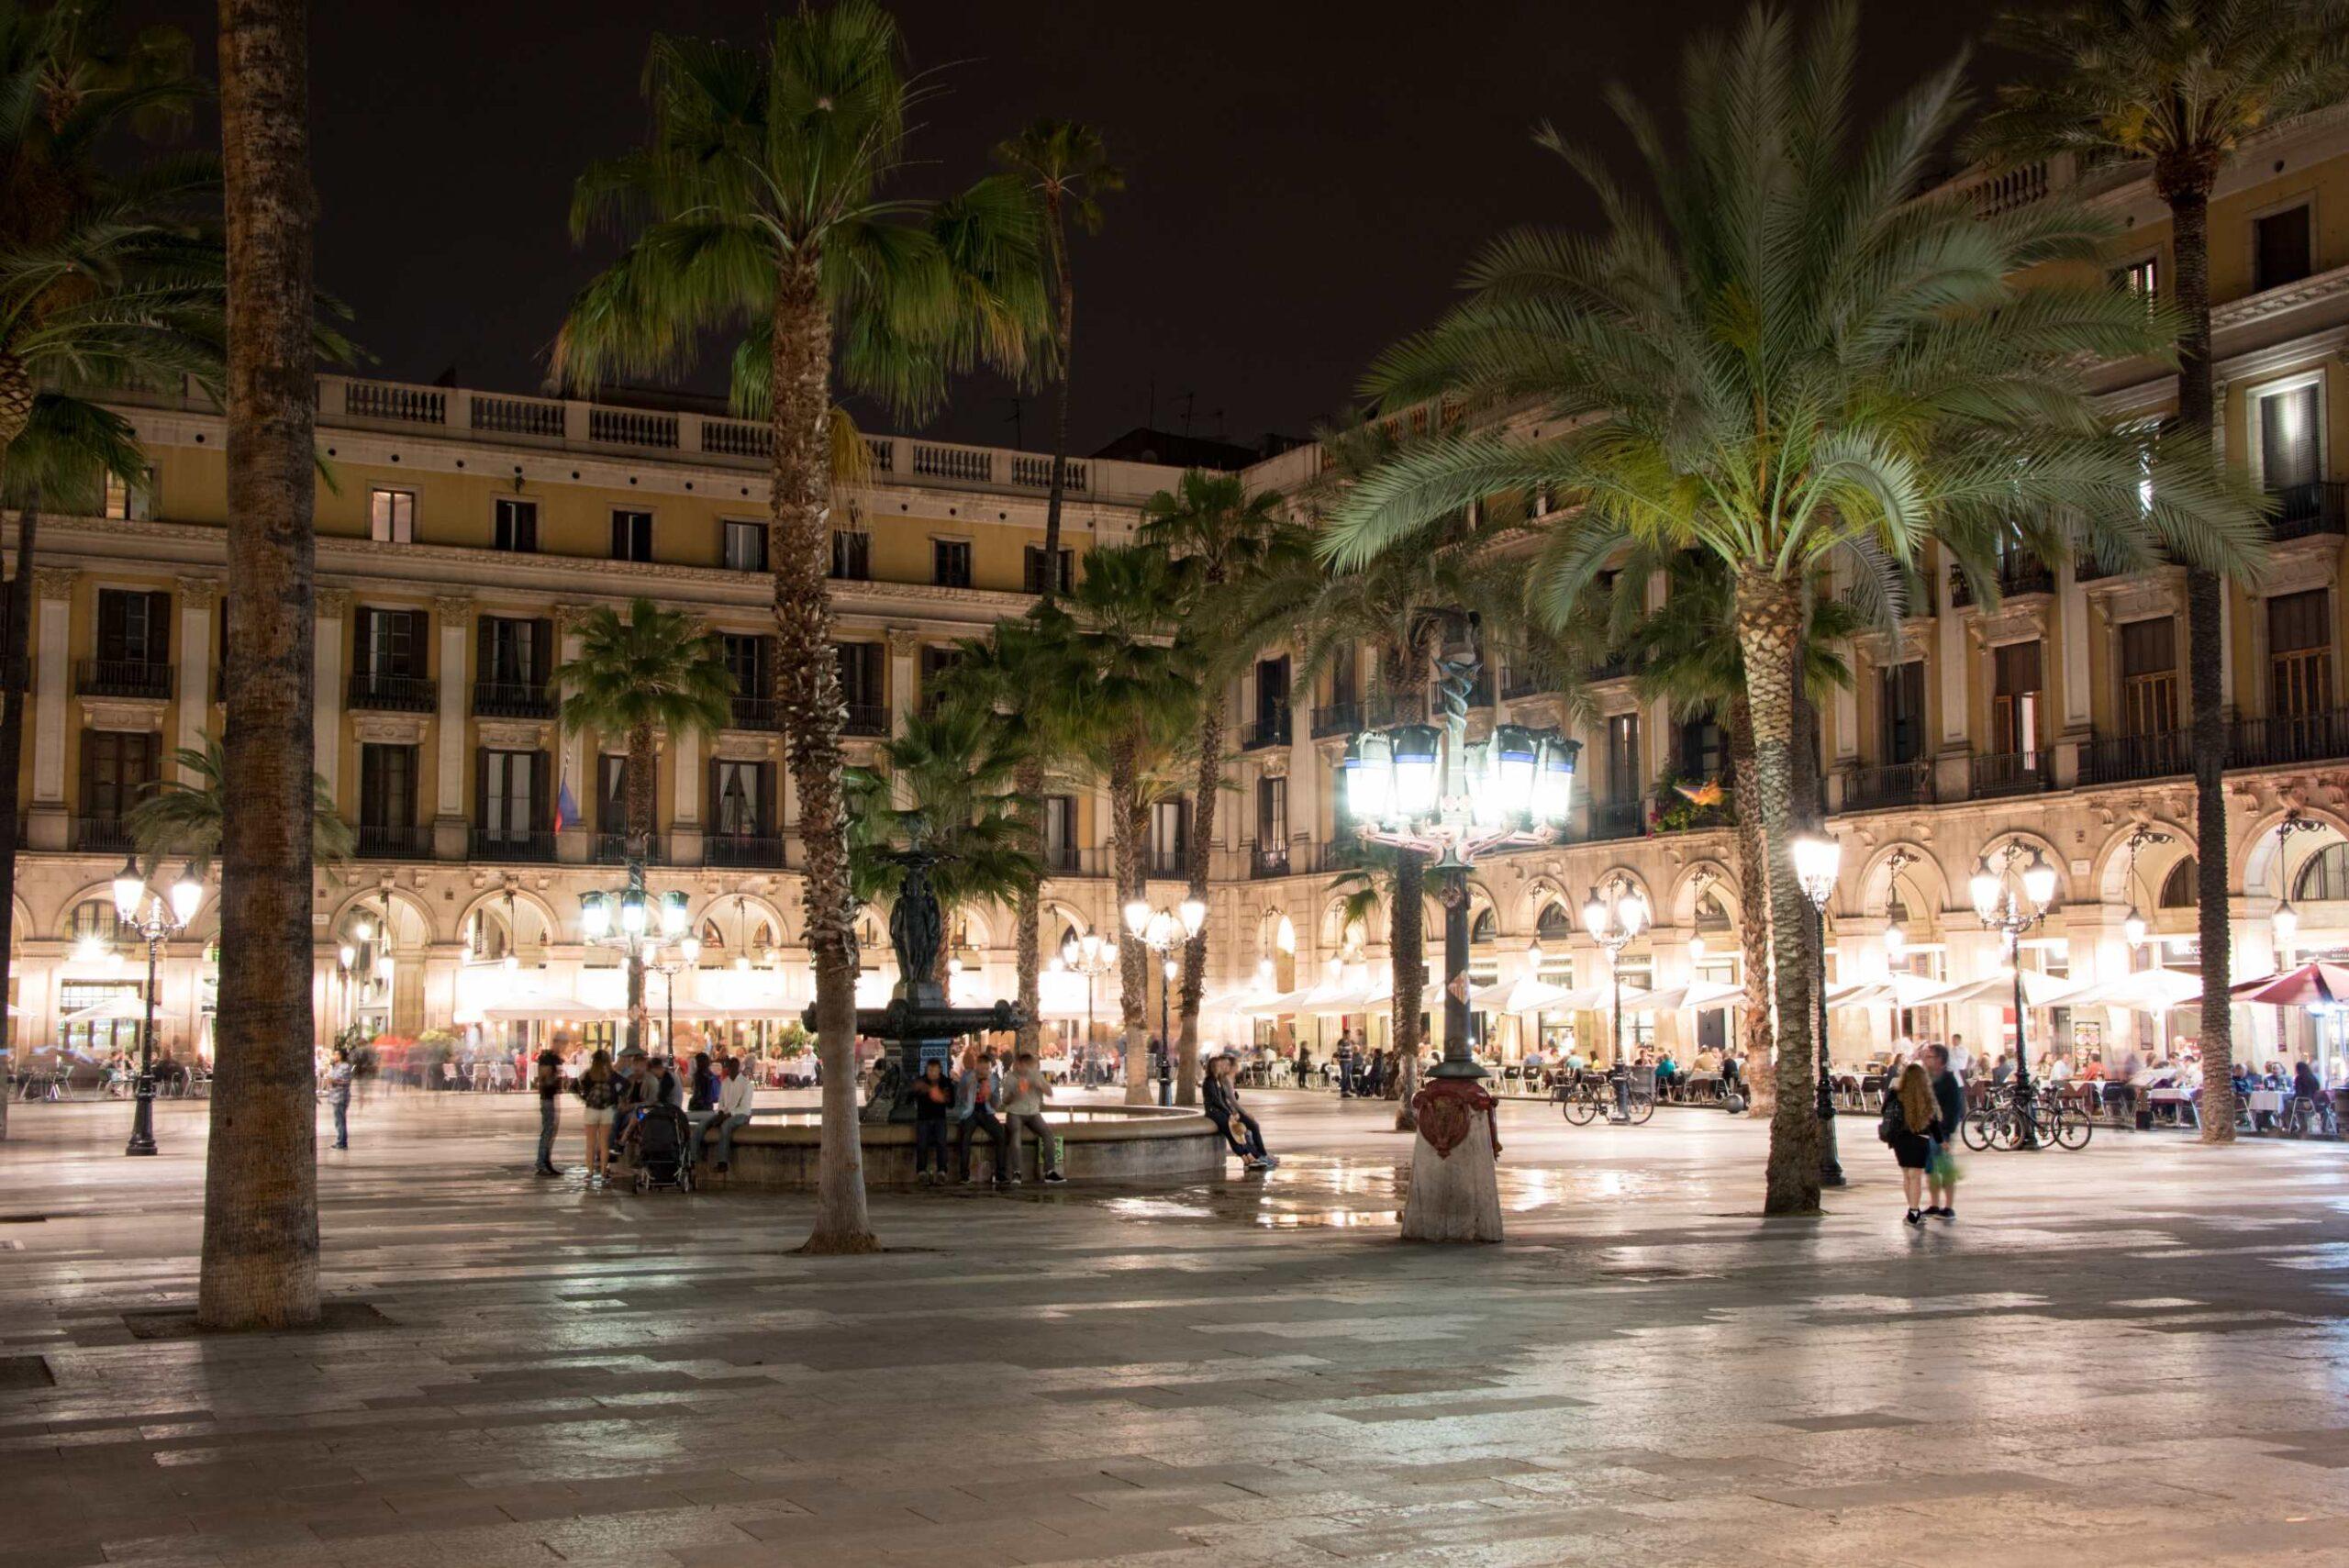 Barcelona Travel Blog - Placa Reial